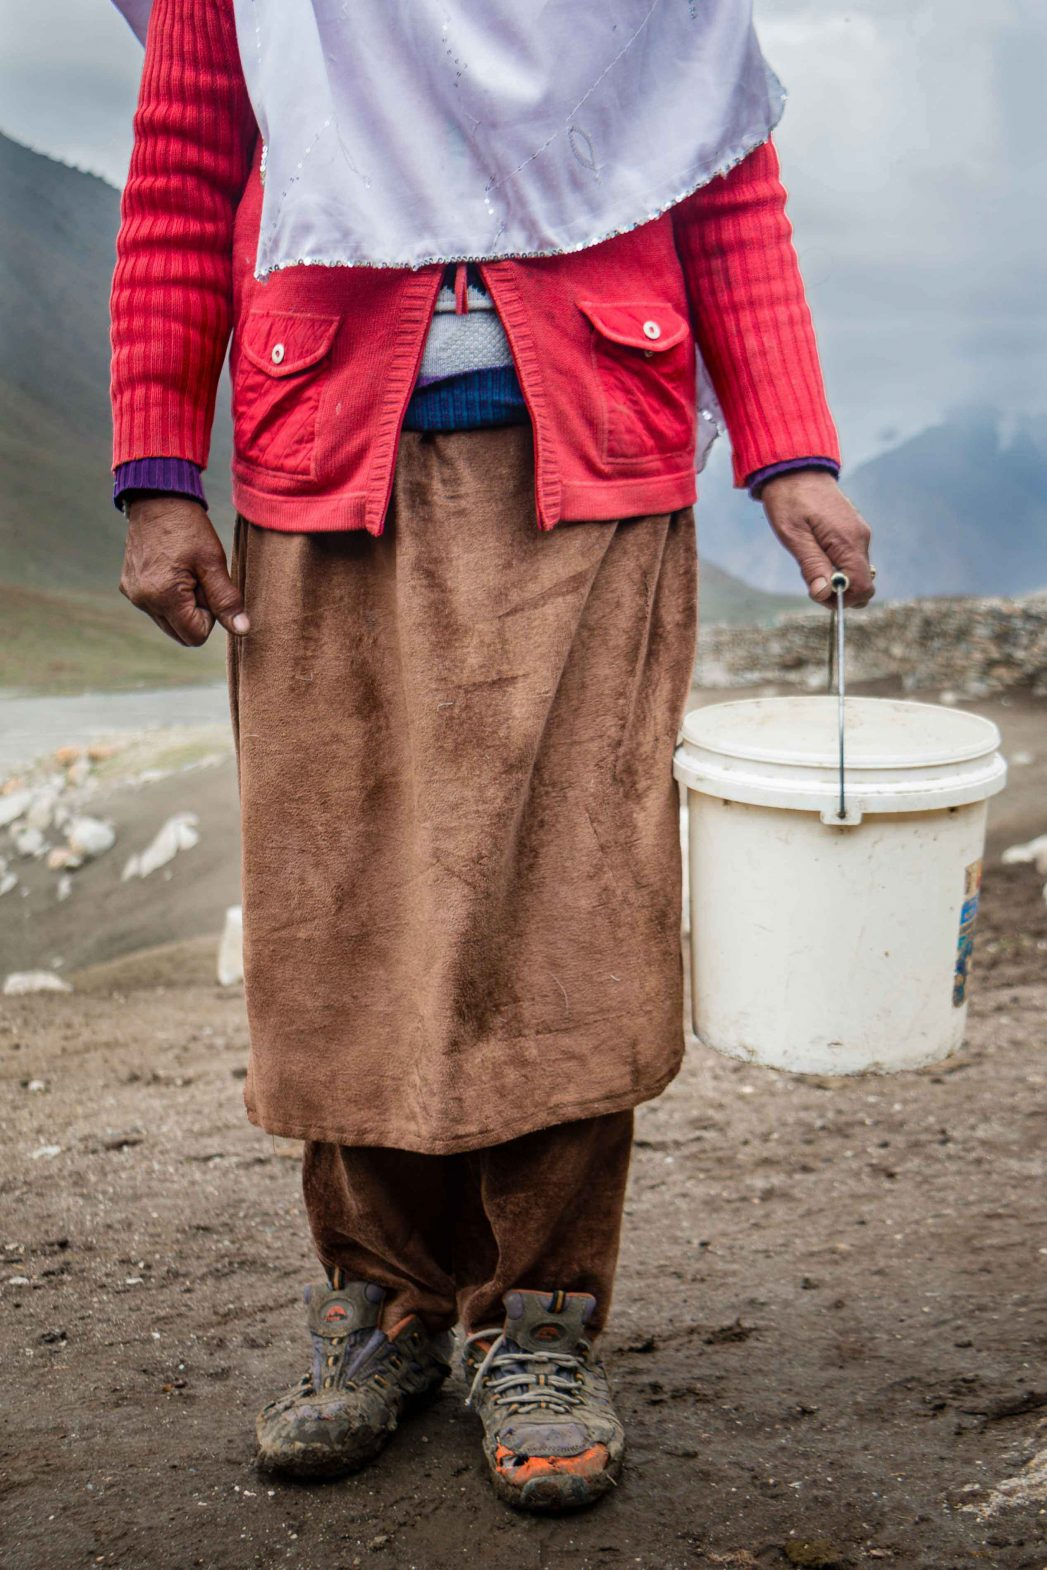 A shepherdess prepares to go milking.